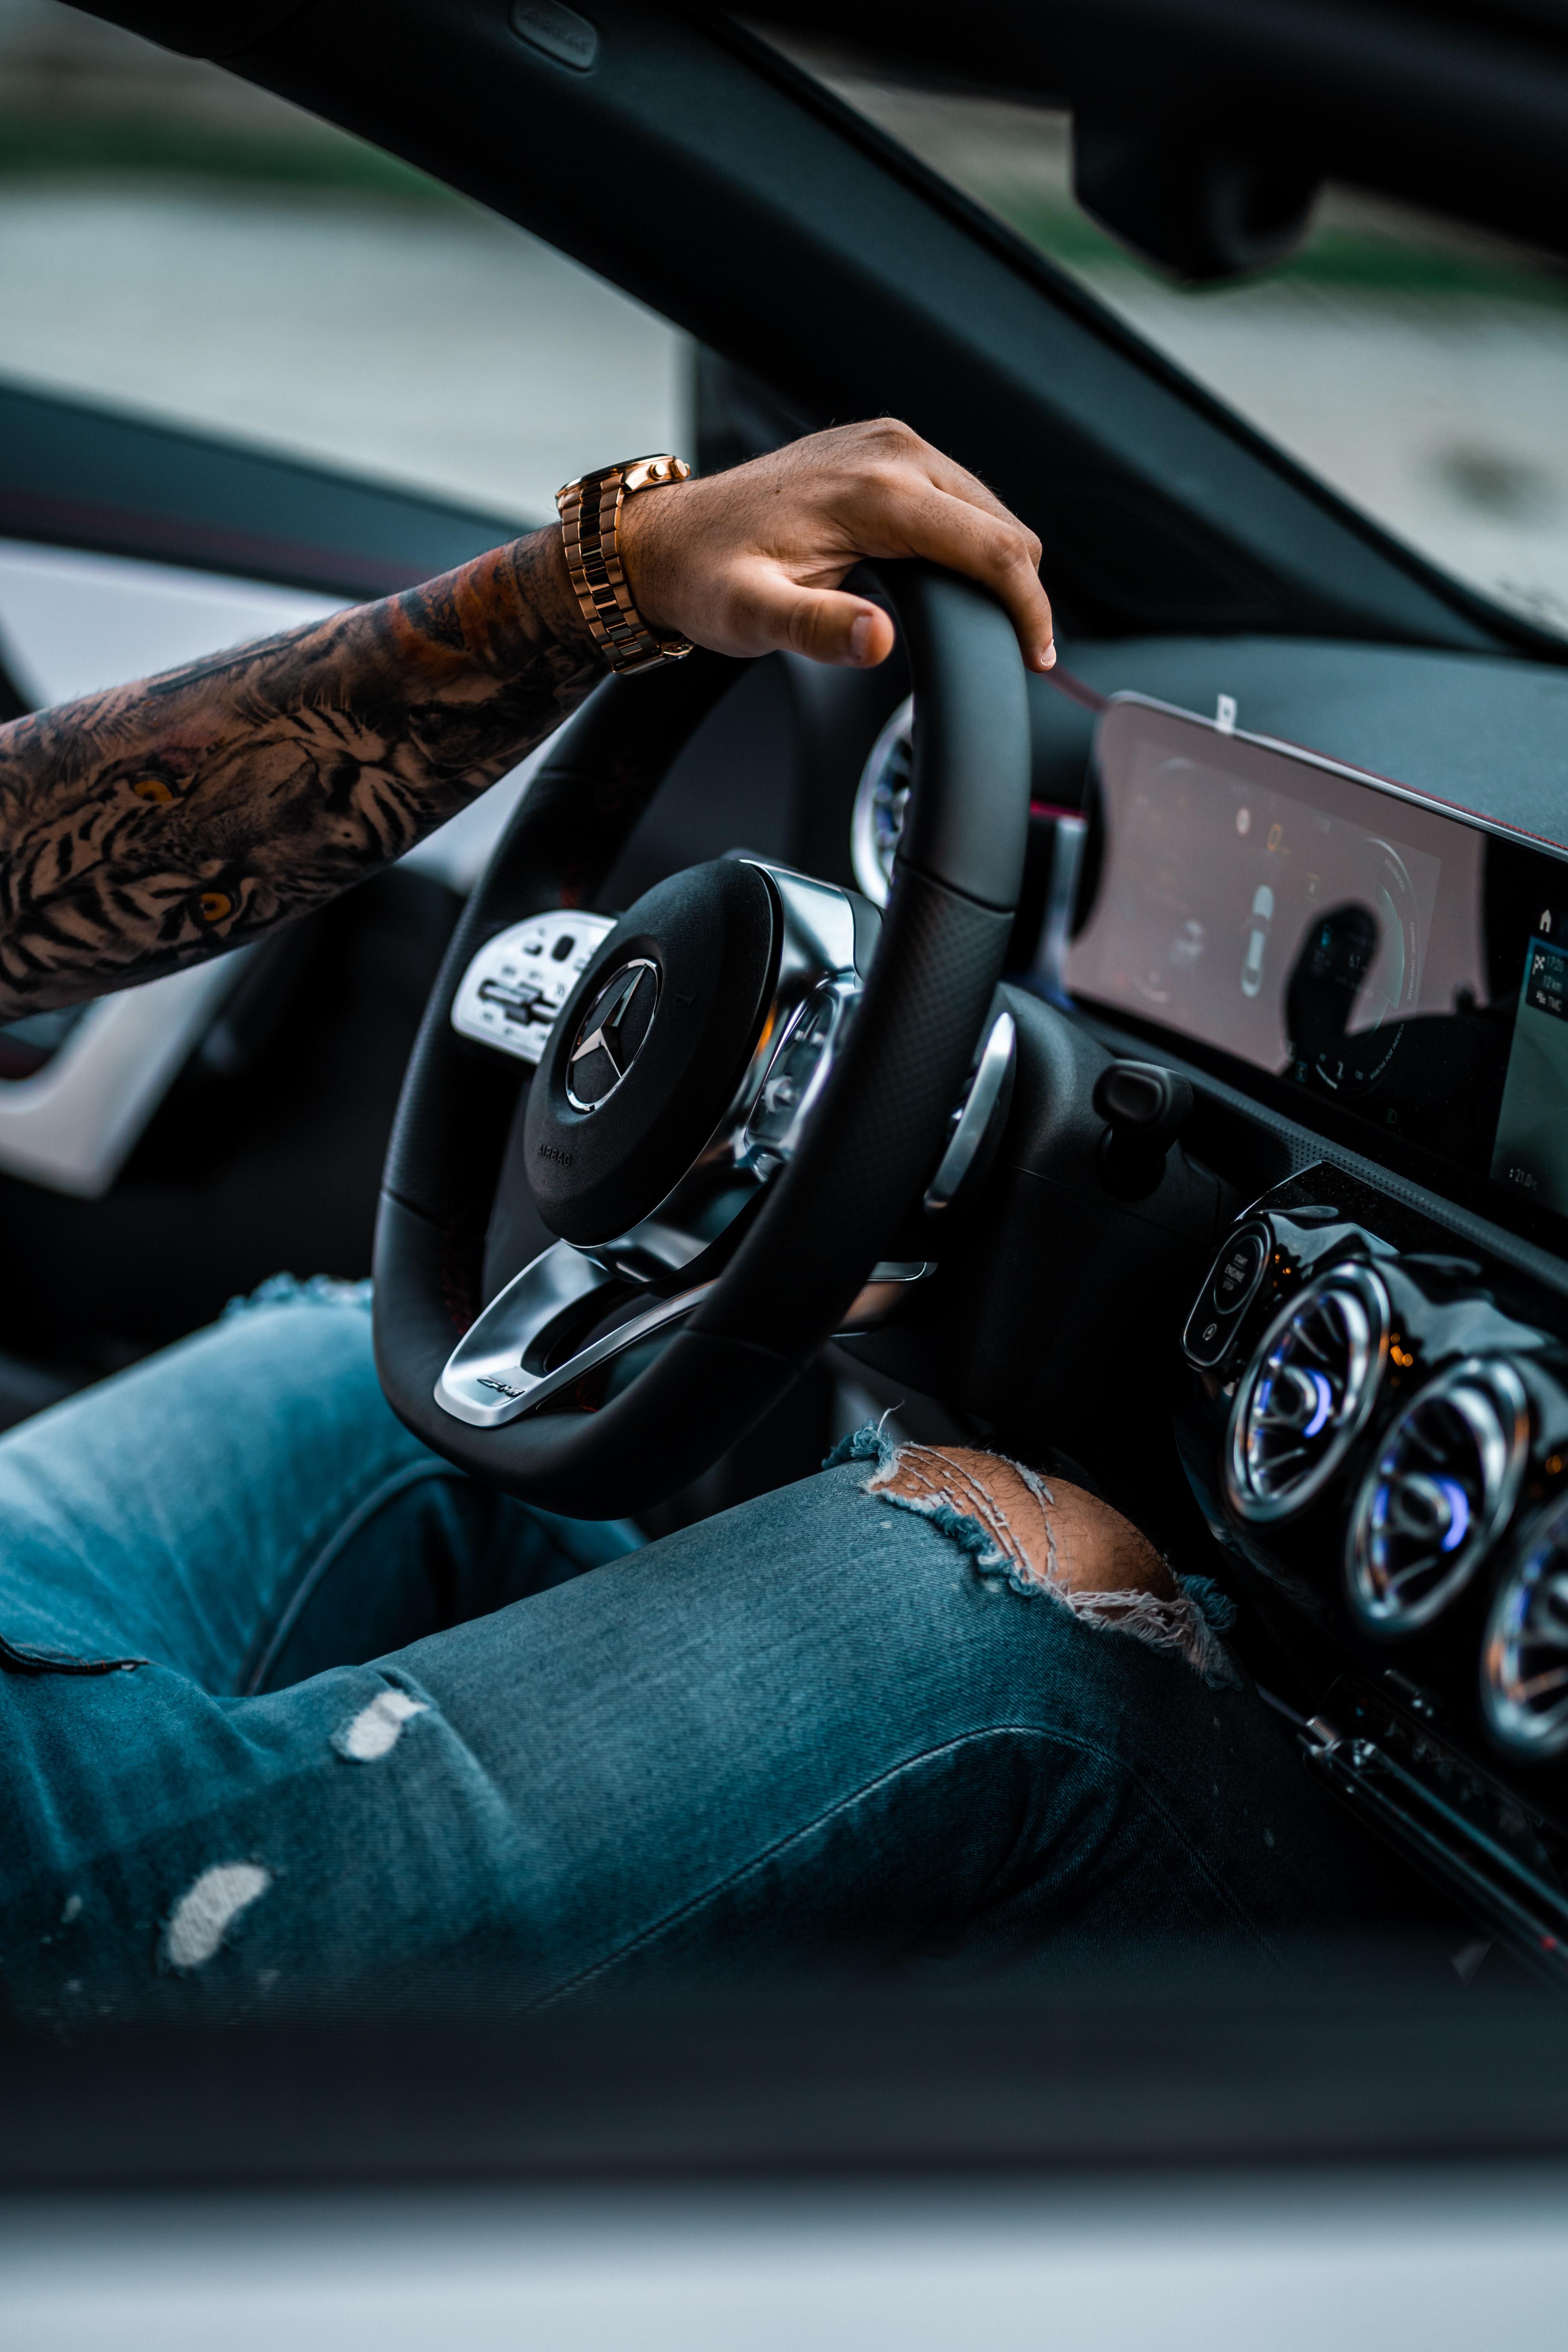 63103 Заставки и Обои Mercedes на телефон. Скачать Mercedes, Тачки (Cars), Рука, Автомобиль, Руль картинки бесплатно